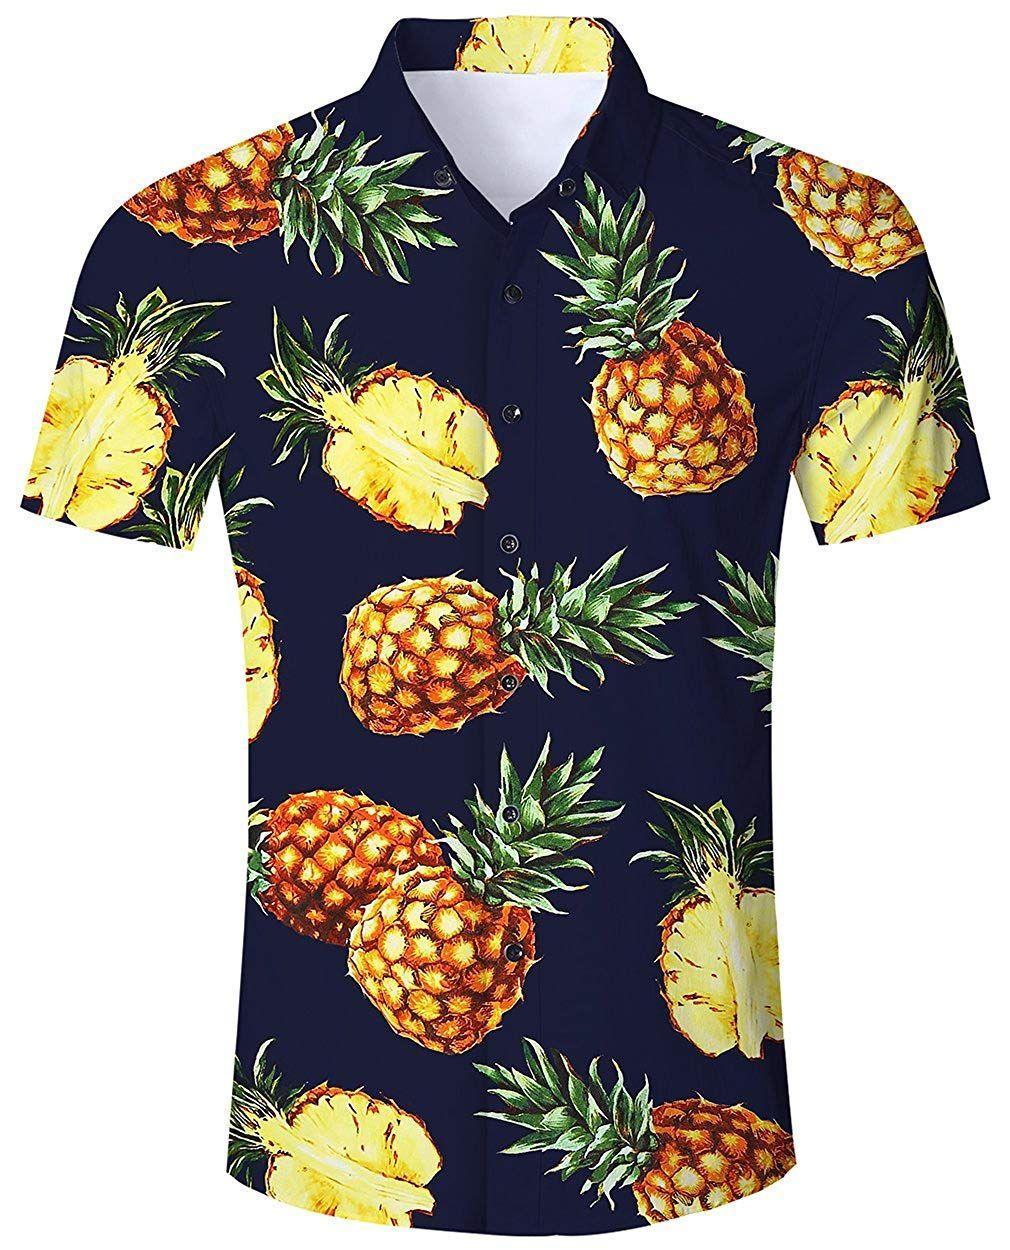 Ropa Tropical: Camisa negra hawaiana | Tropicalí